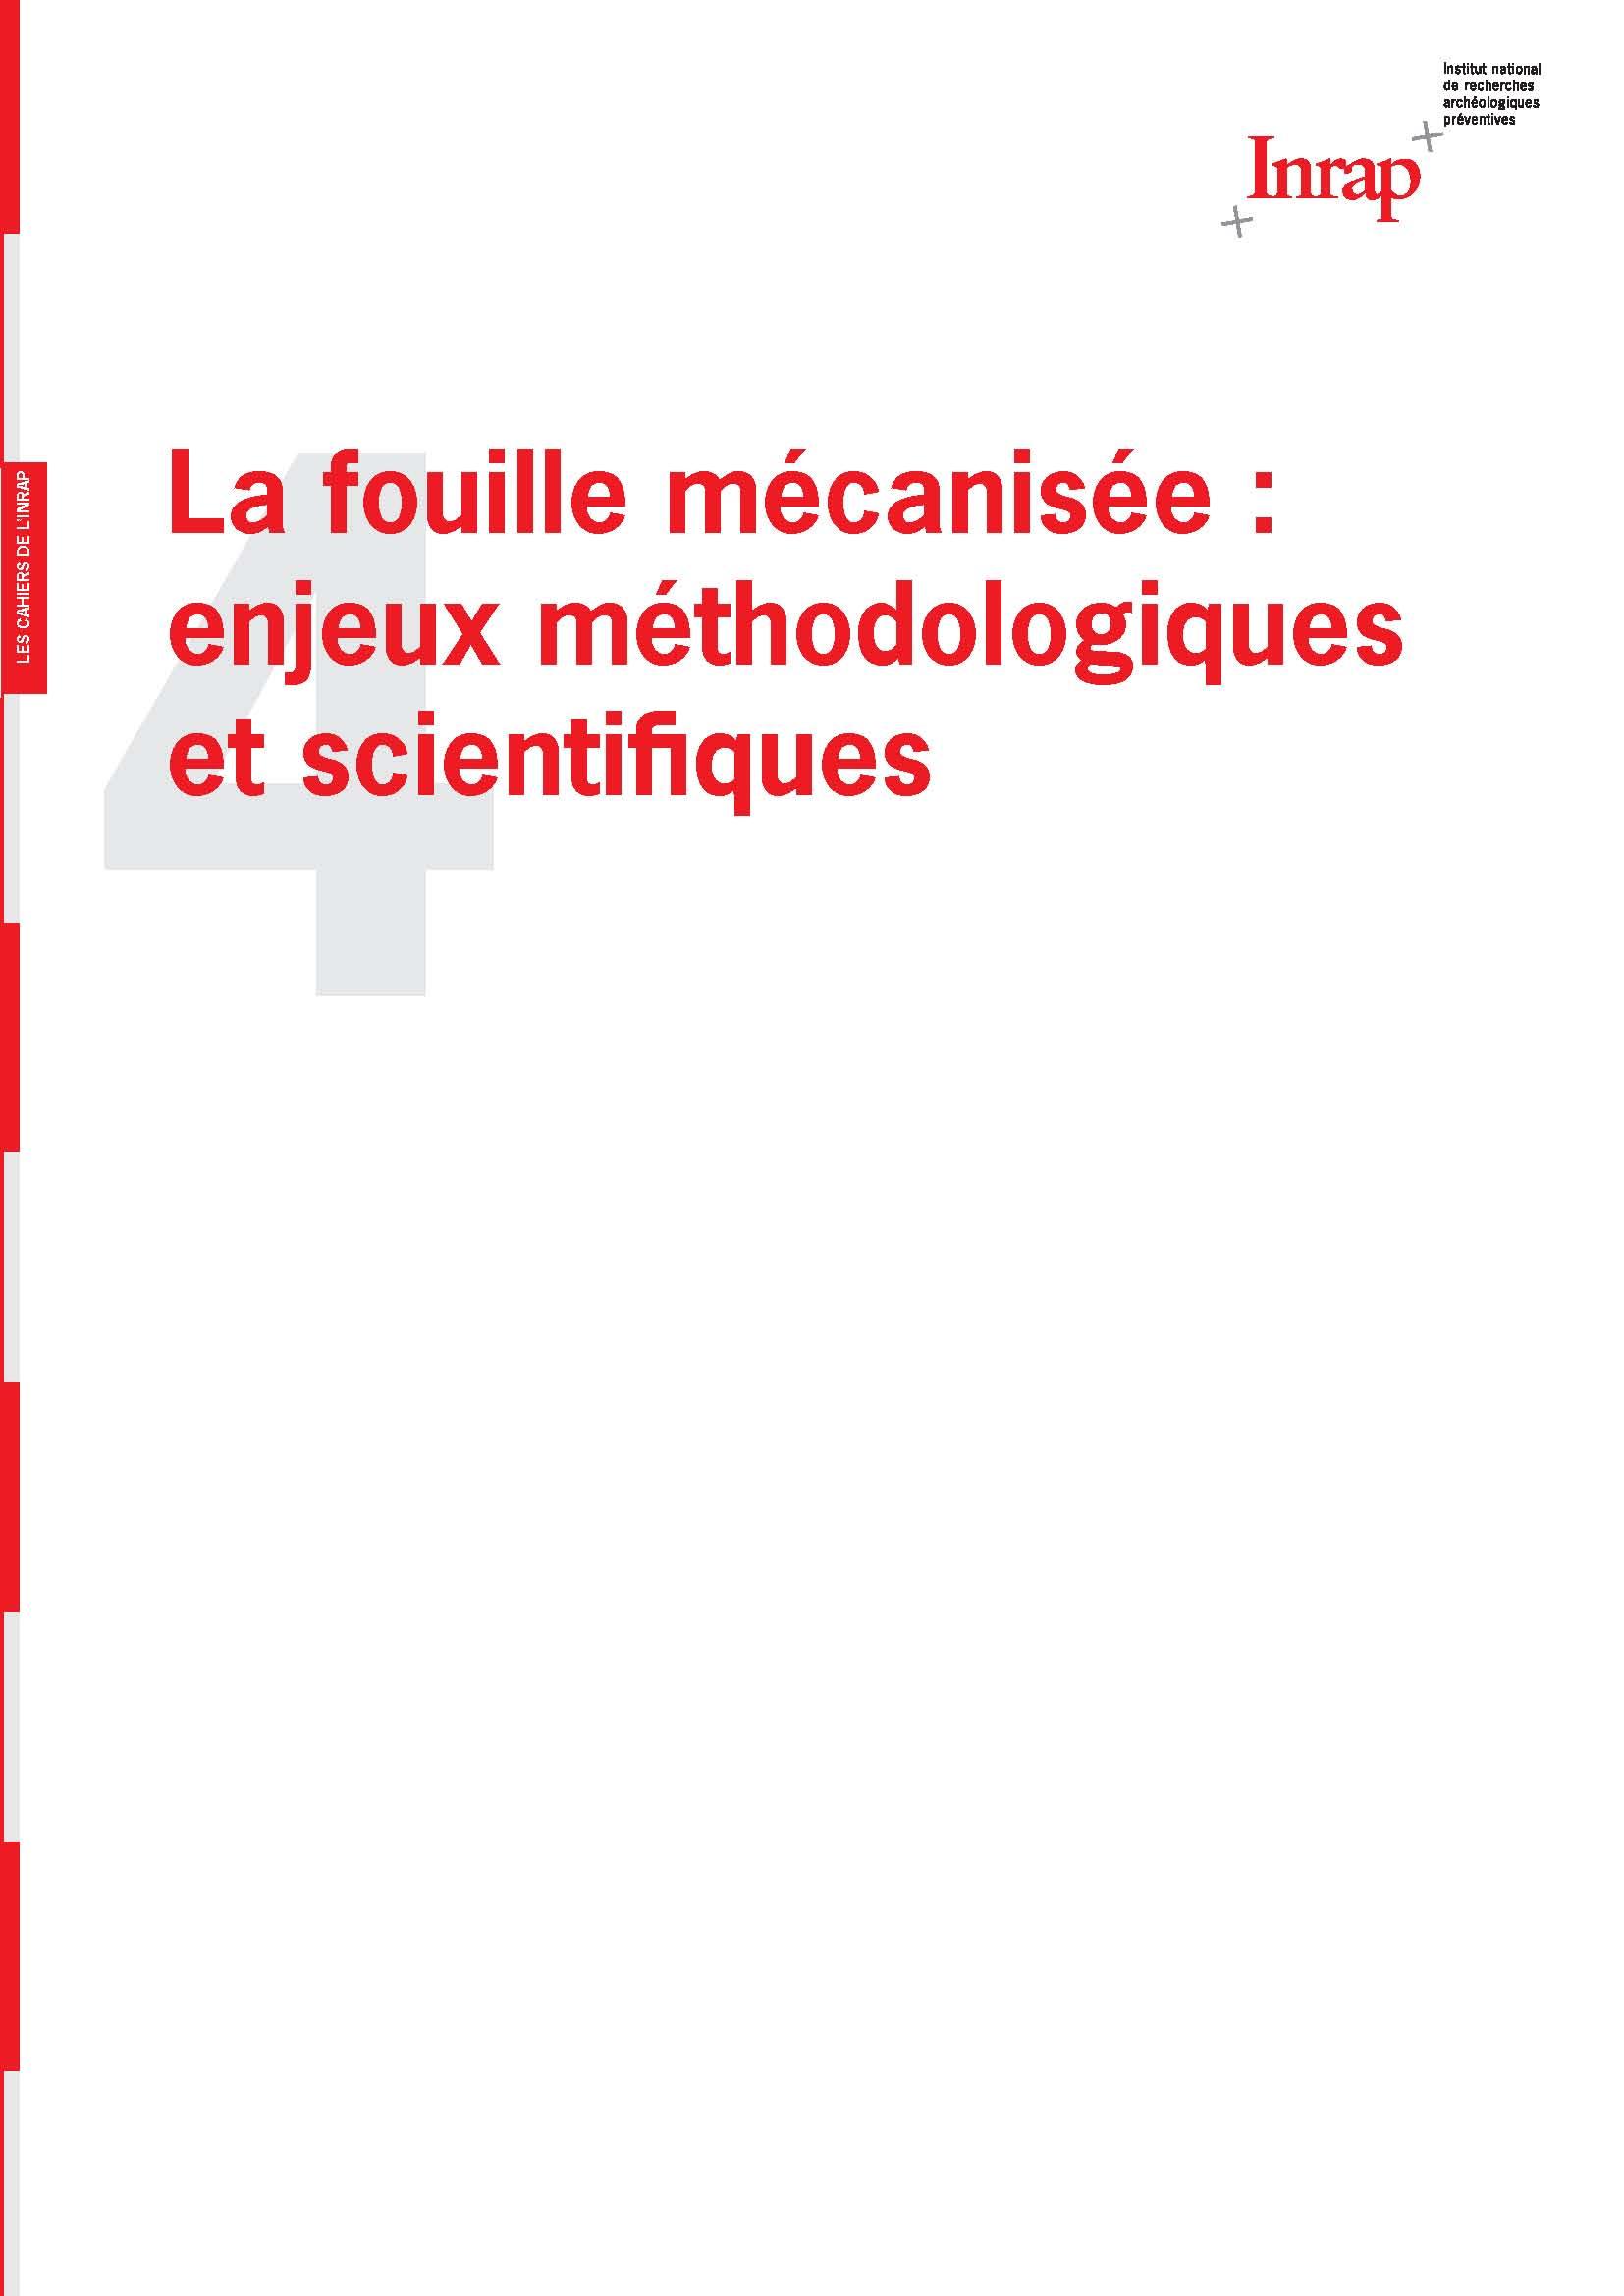 Cahiers de l'Inrap 4